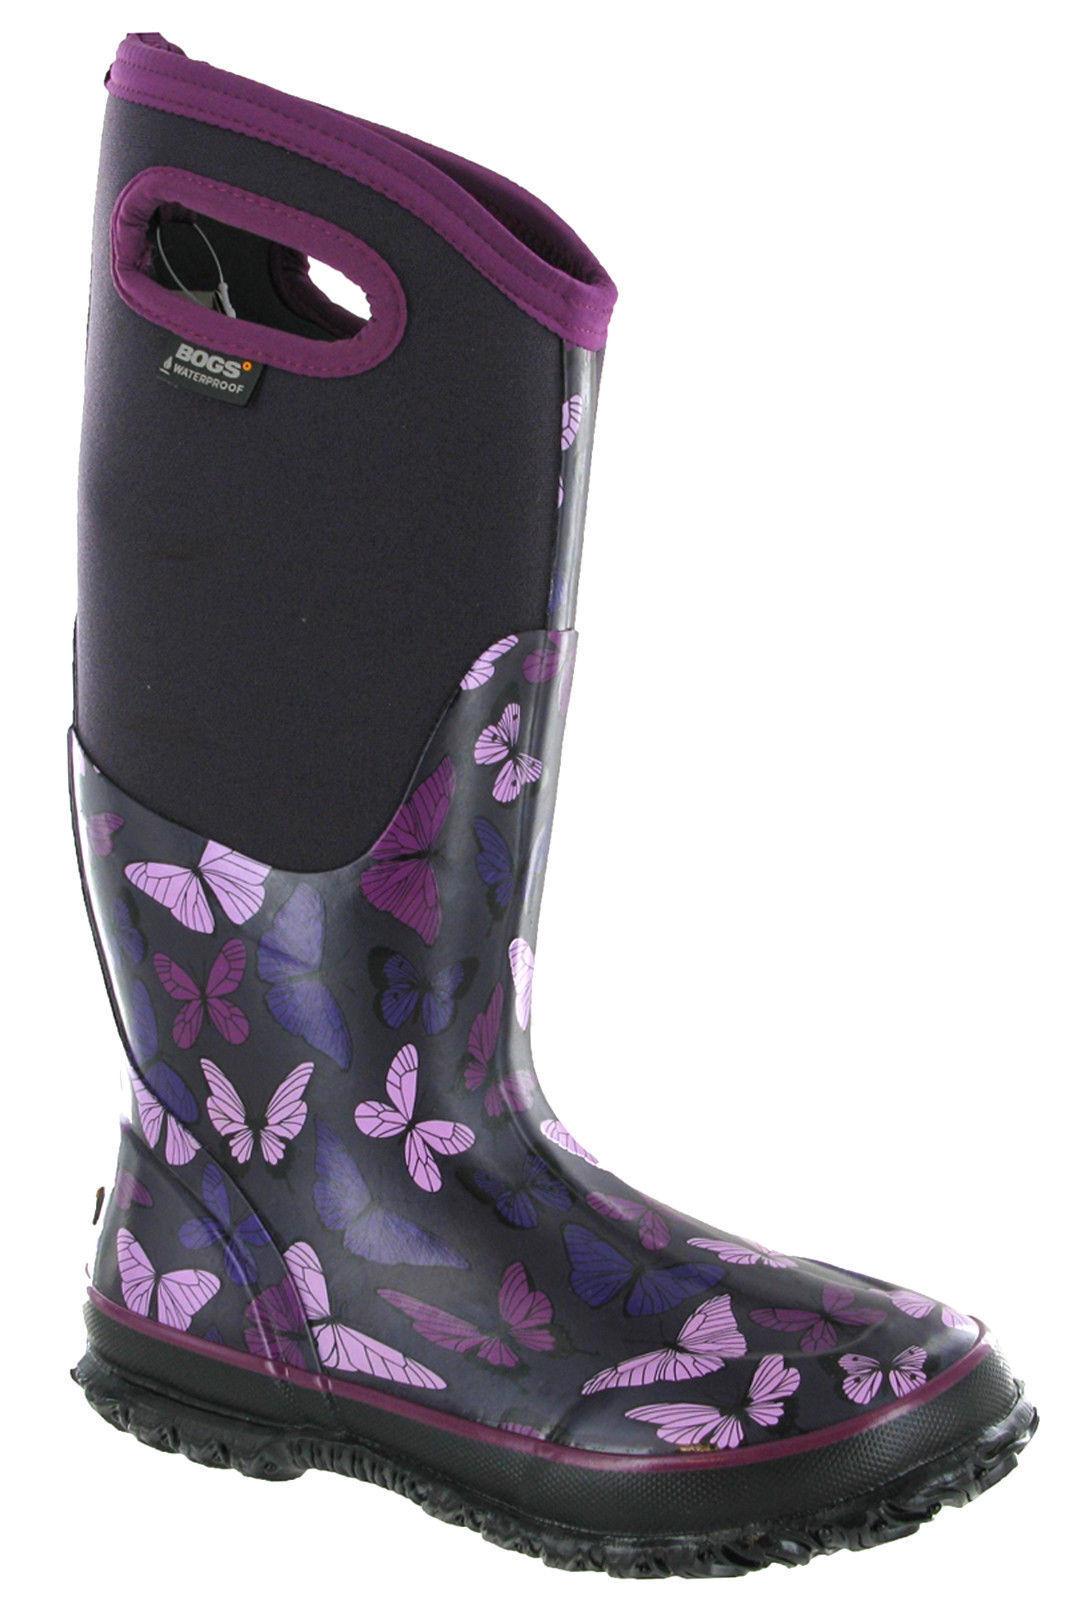 Bogs Wellingtons Stiefel Neoprene - Damenschuhe Butterfly Waterproof Winter - Neoprene 40c 72115 24a7d5